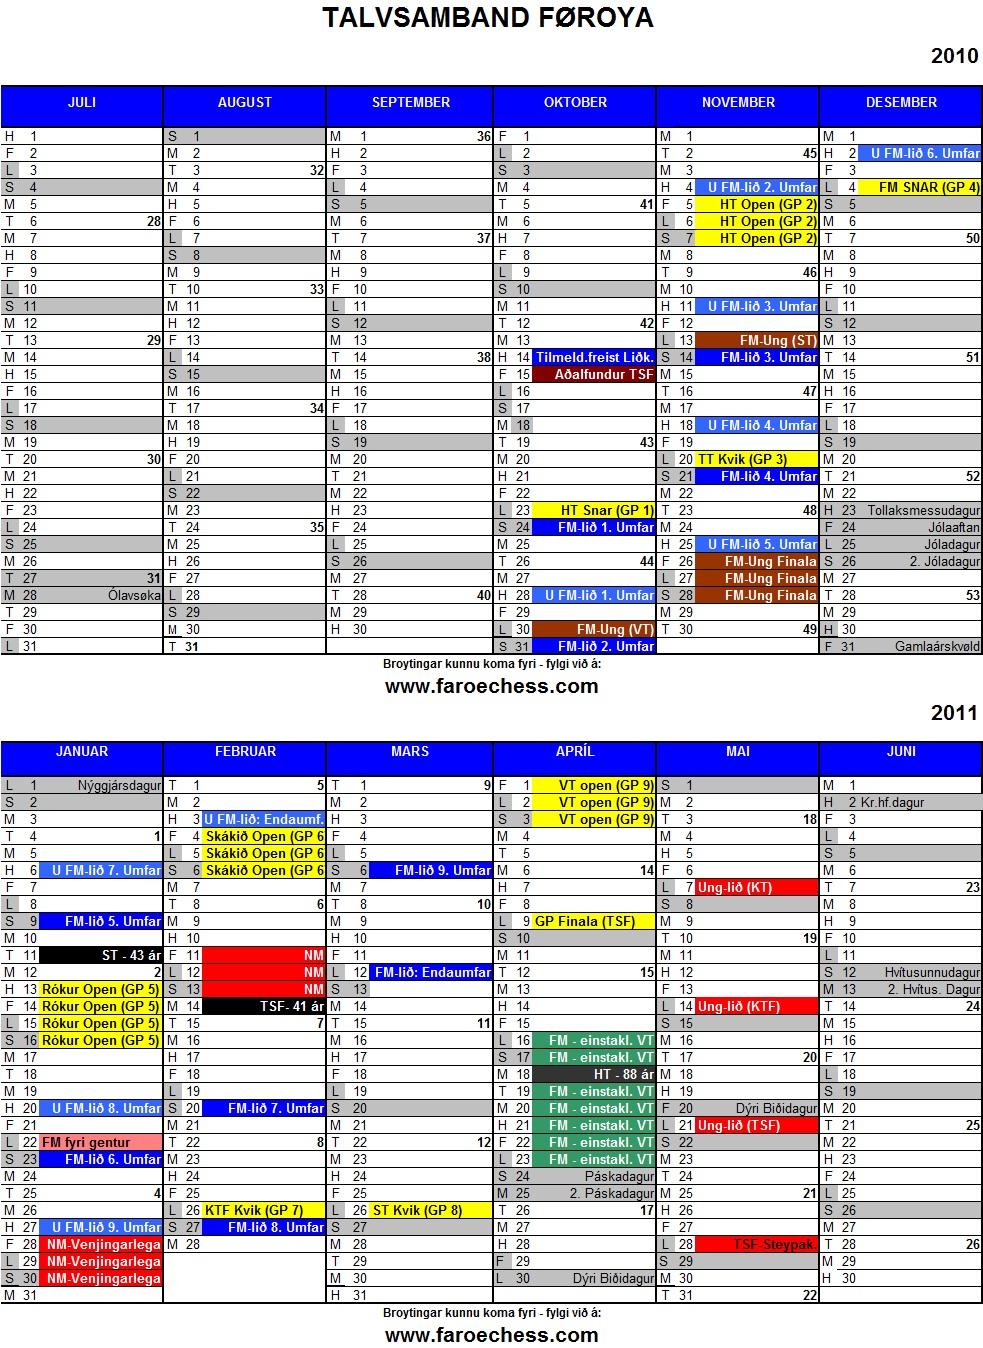 Kalendari_2010-11